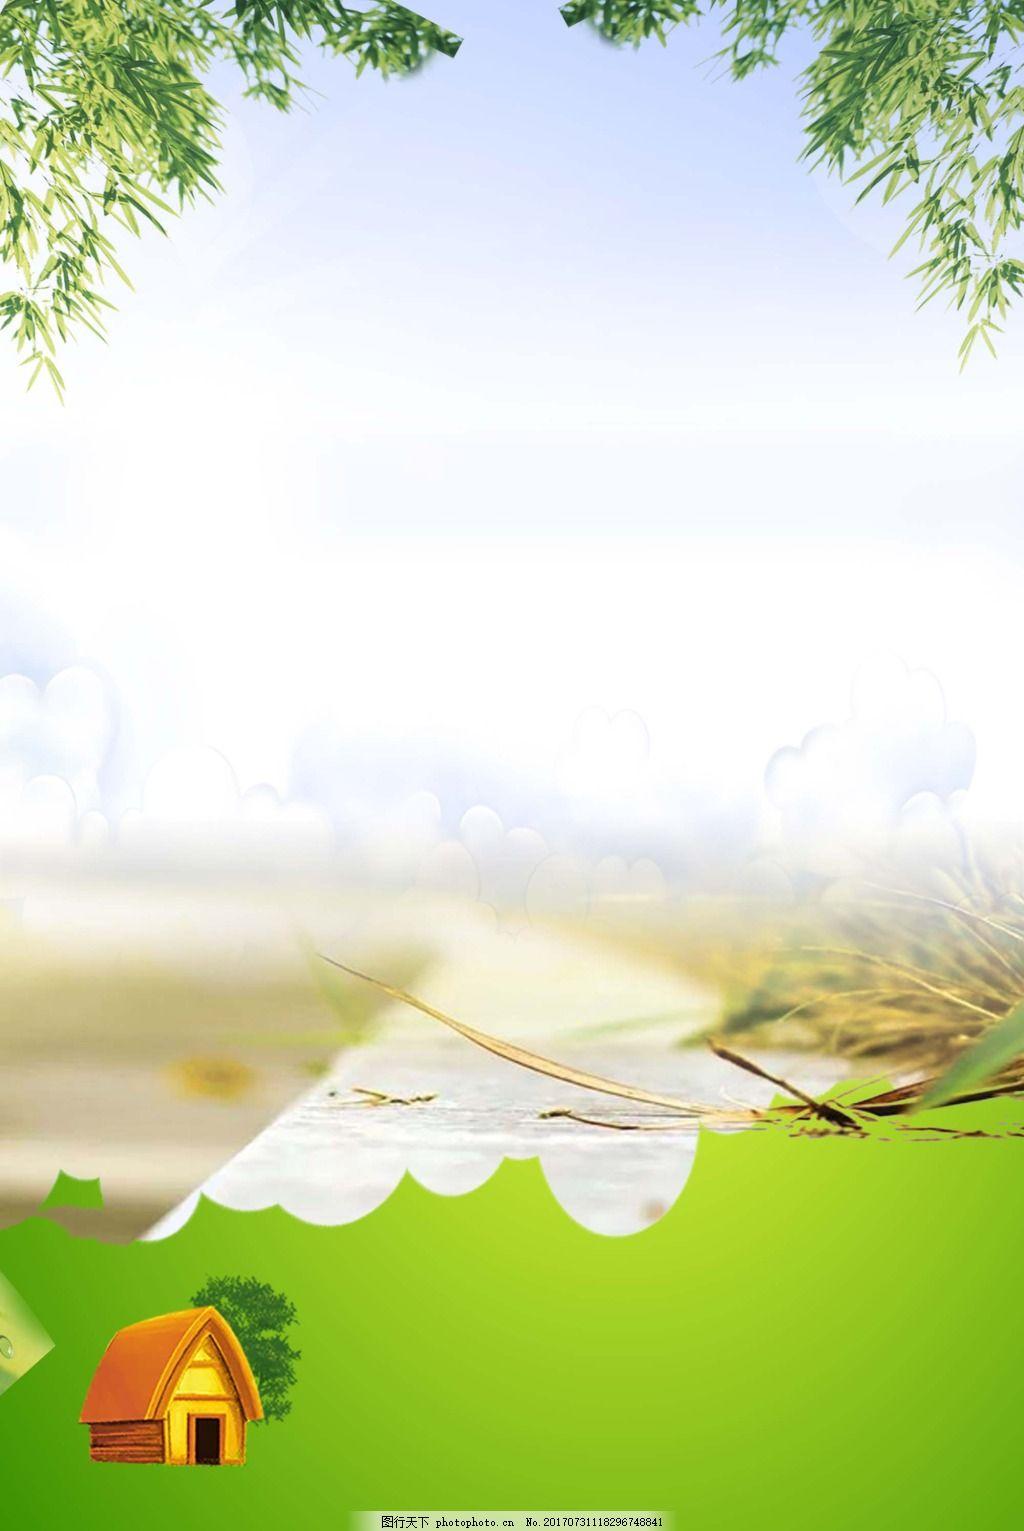 小清新远方树叶背景 卡通 房屋 草原 天空 云朵 绿叶 背景素材